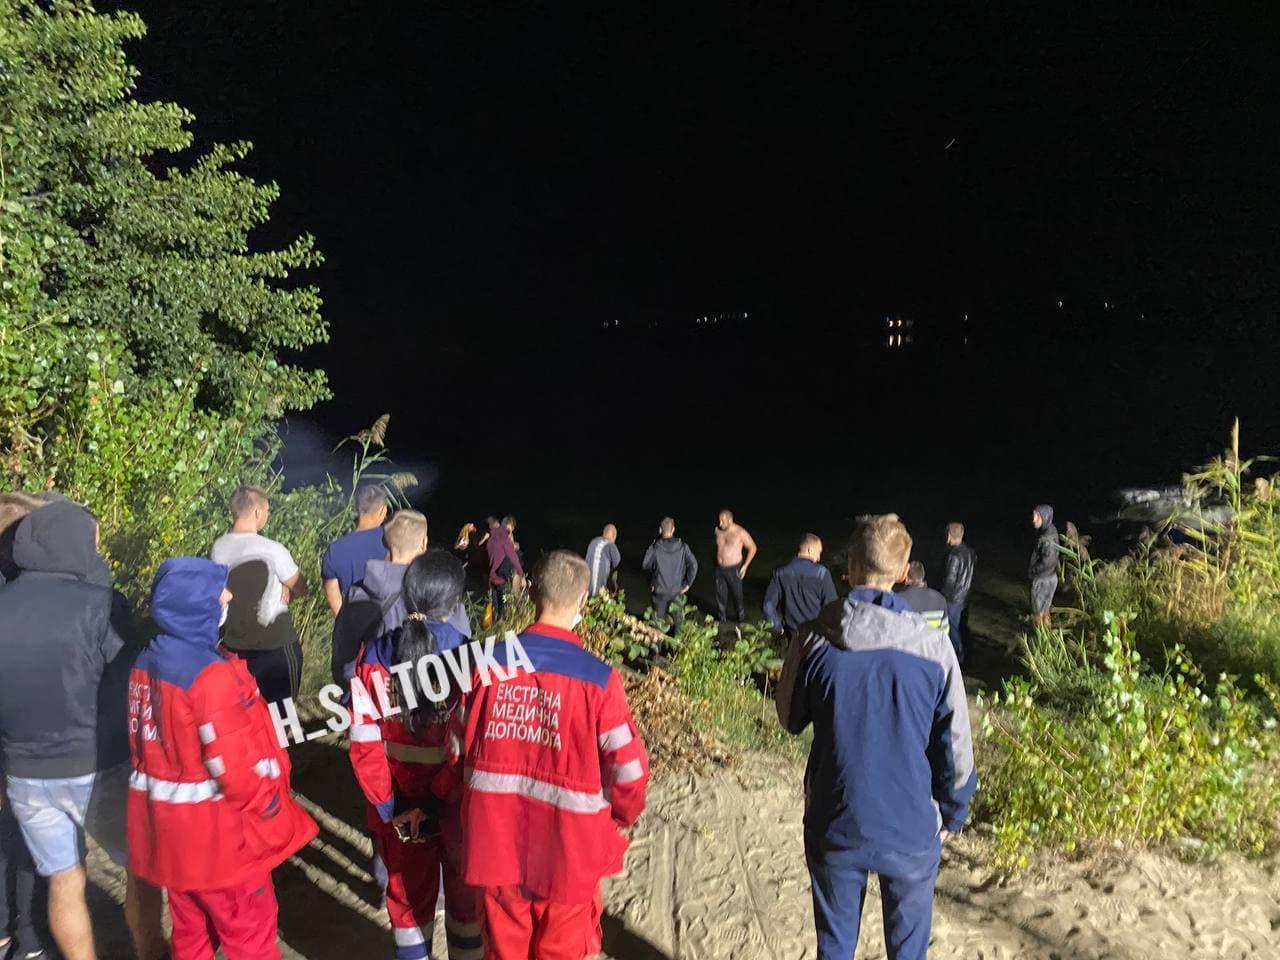 Під Харковом молода пара потонула під час побачення: фото і відео з місця трагедії